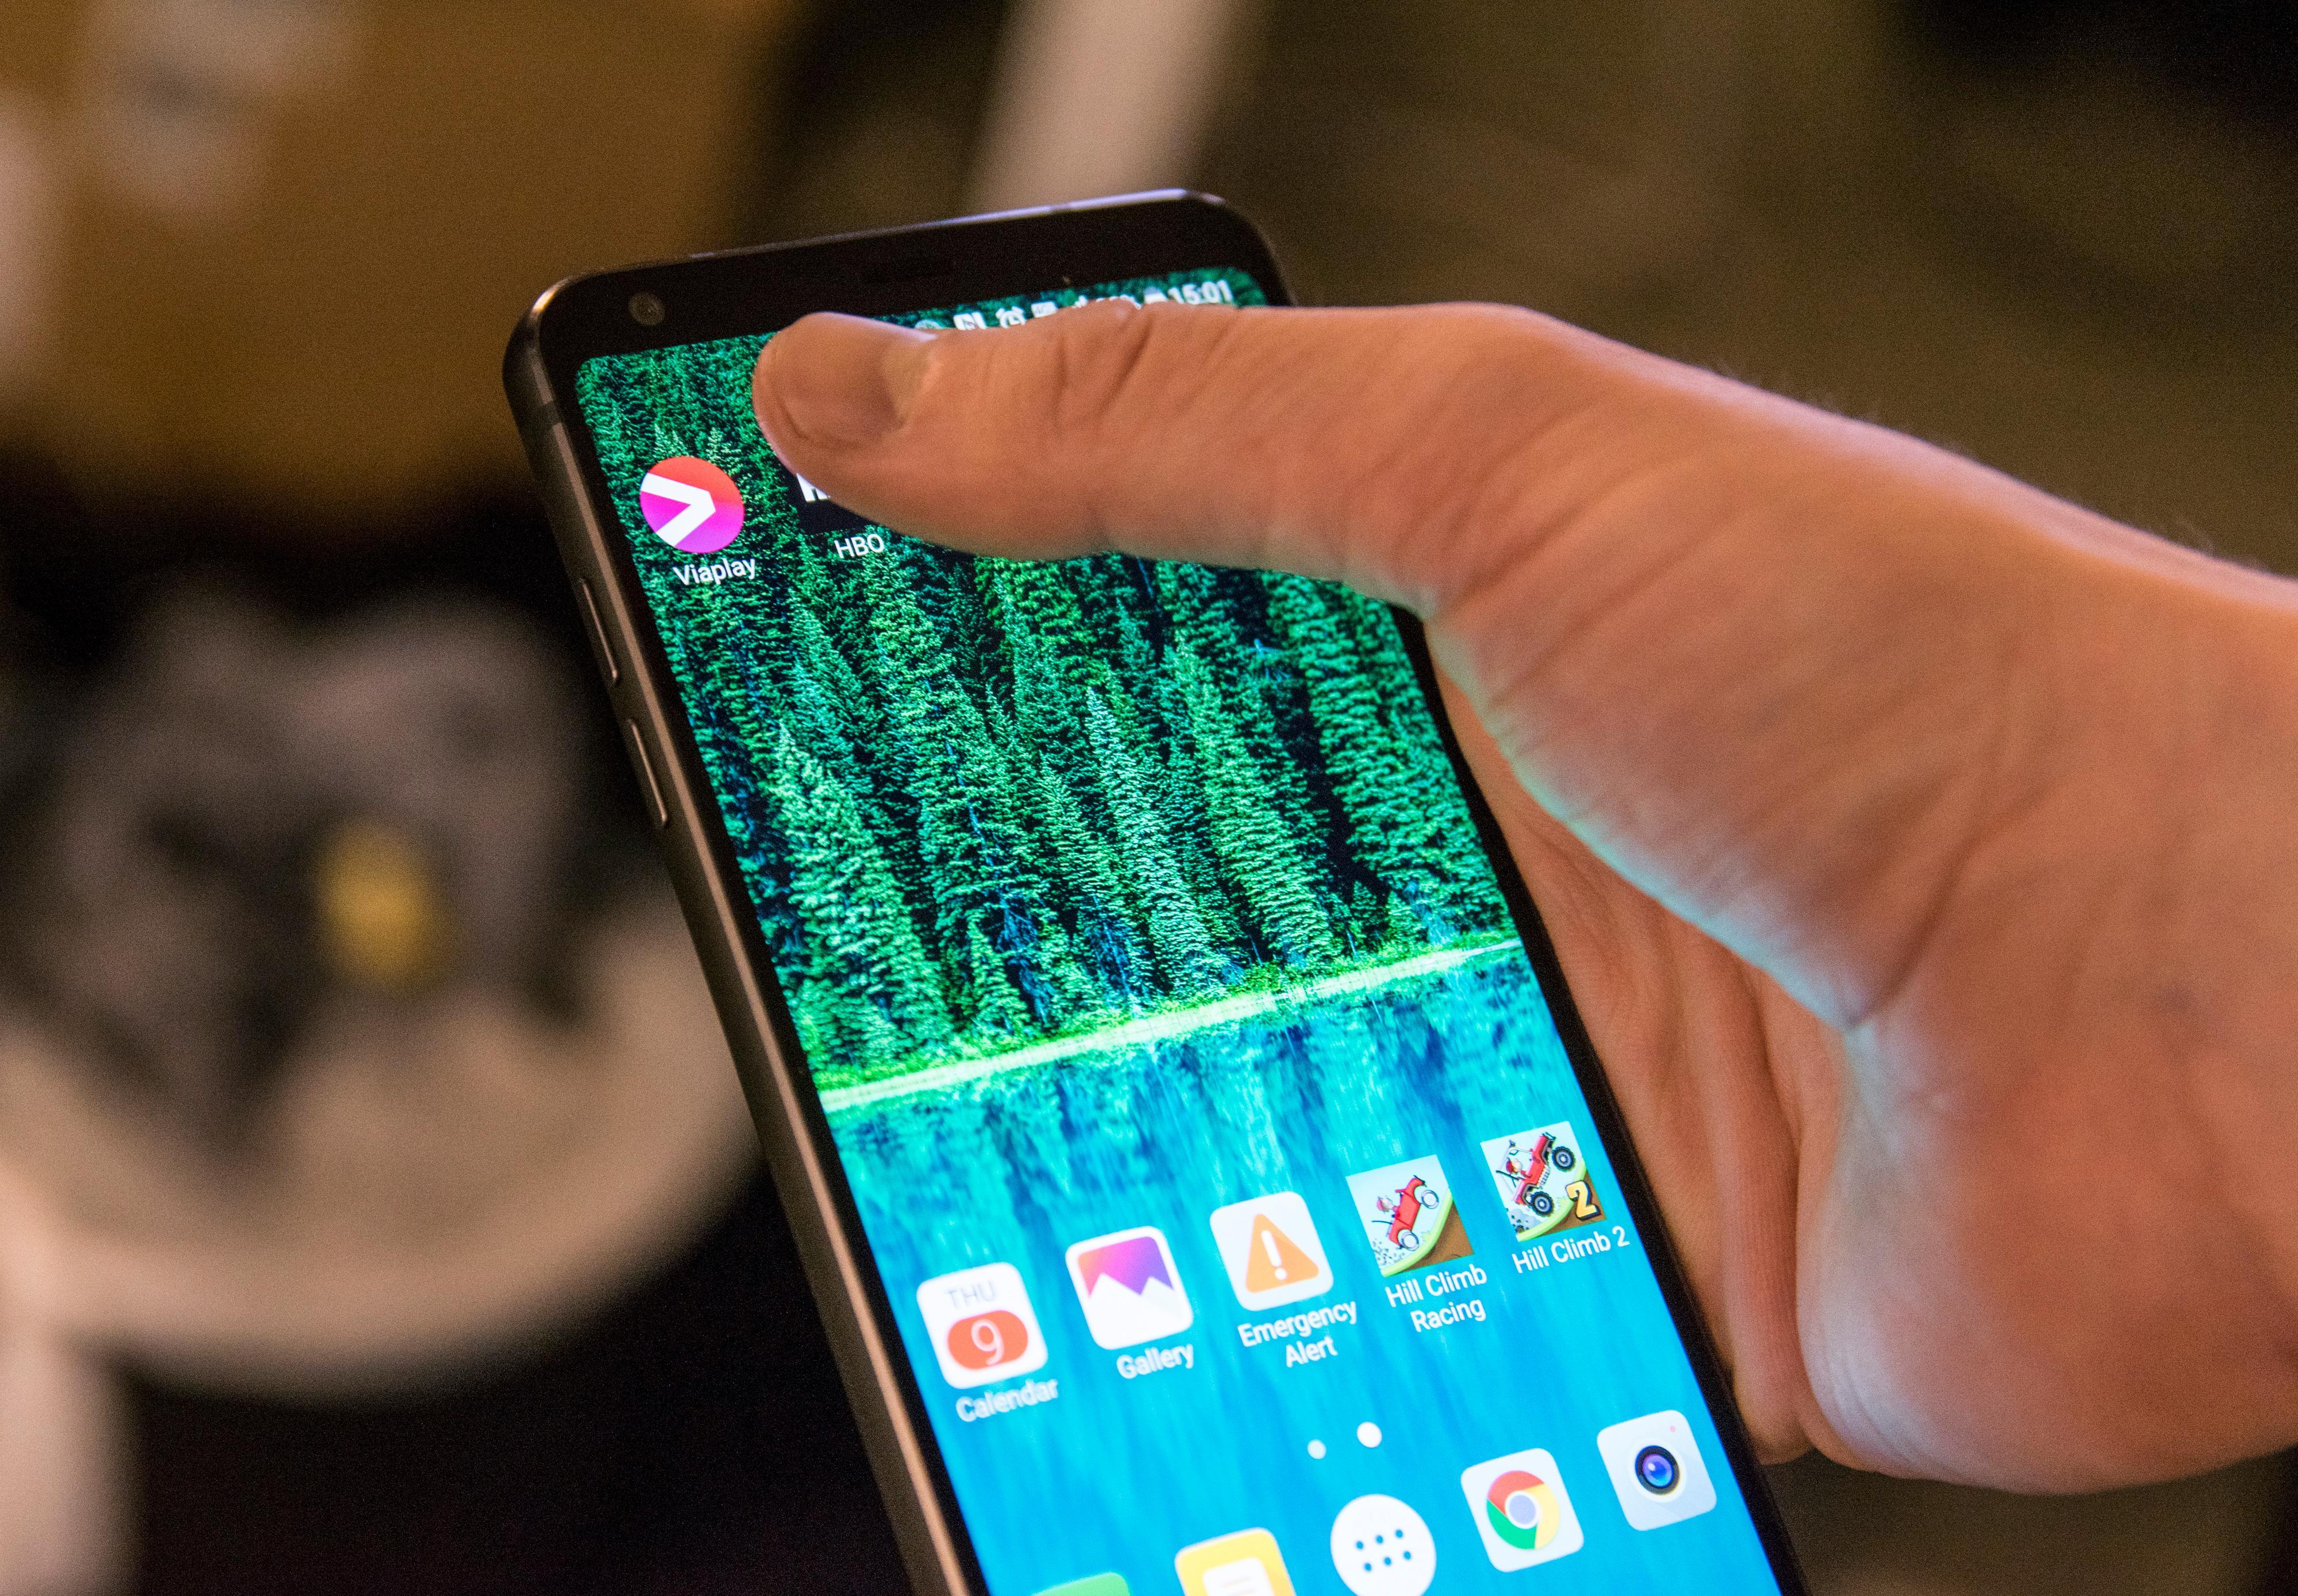 Rammen er kanskje kompakt, men skjermen blir for stor, sier kanskje du. Vel, joda, men samtidig gjør de svært smale rammene det mye enklere å rekke skjermområdene som er lengst unna.